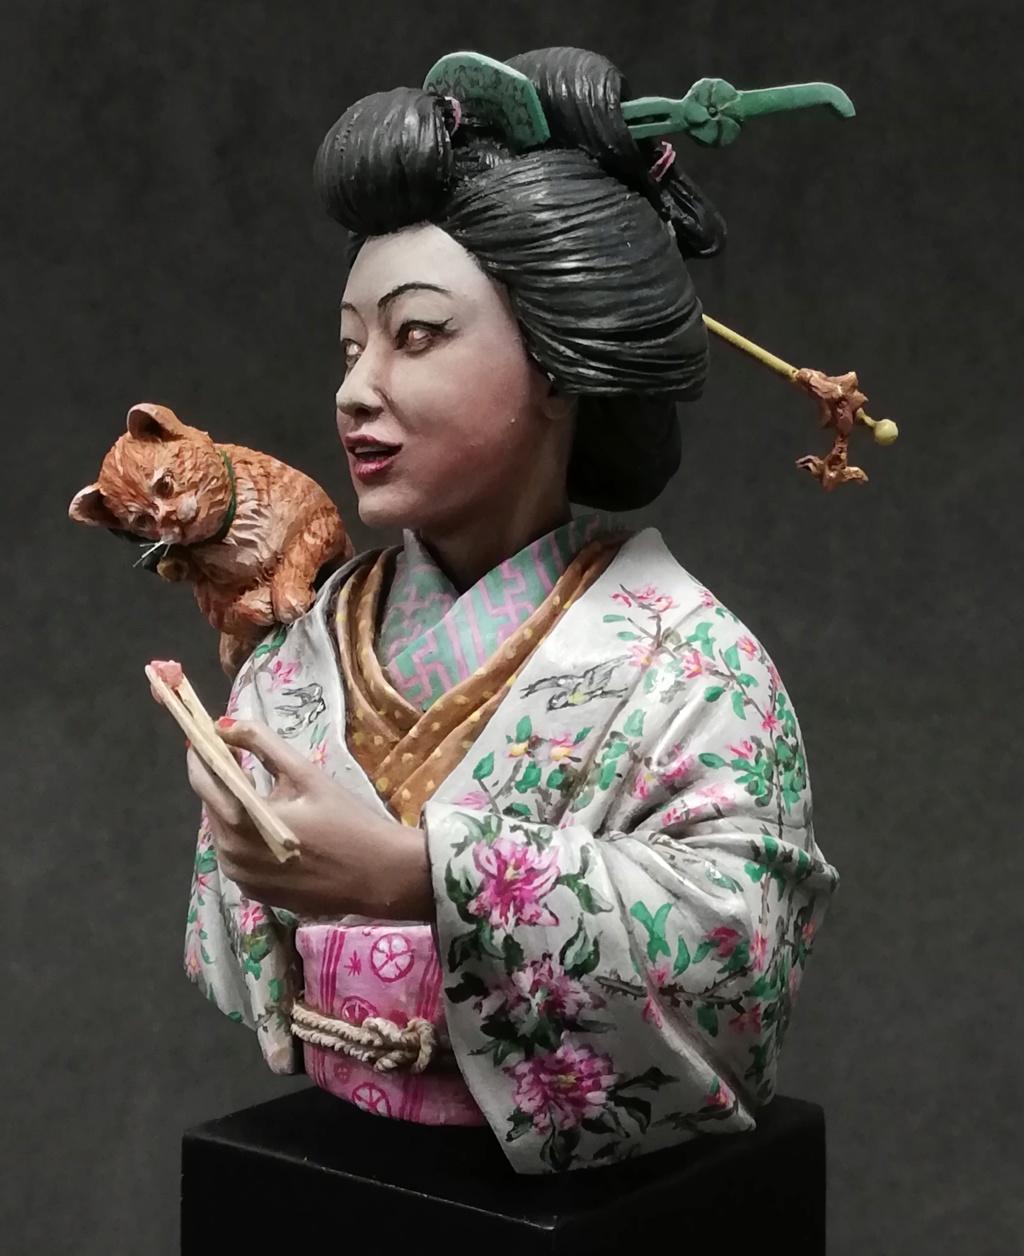 Buste de Geisha terminée - Dernières photos - Page 2 Geisha39